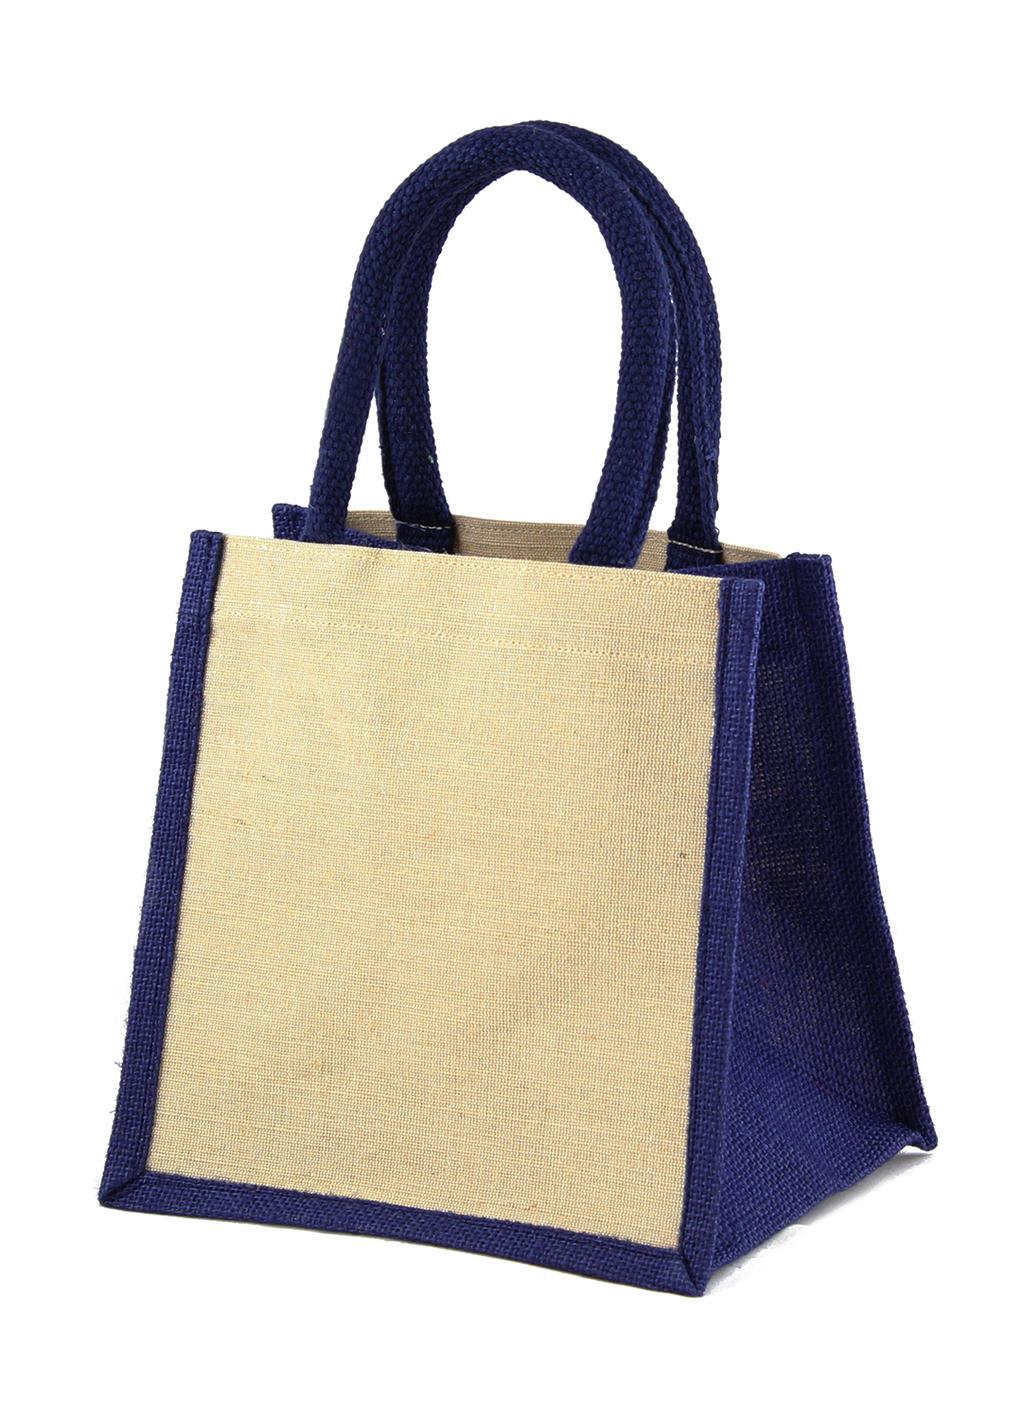 Small Jutton Gift Bag